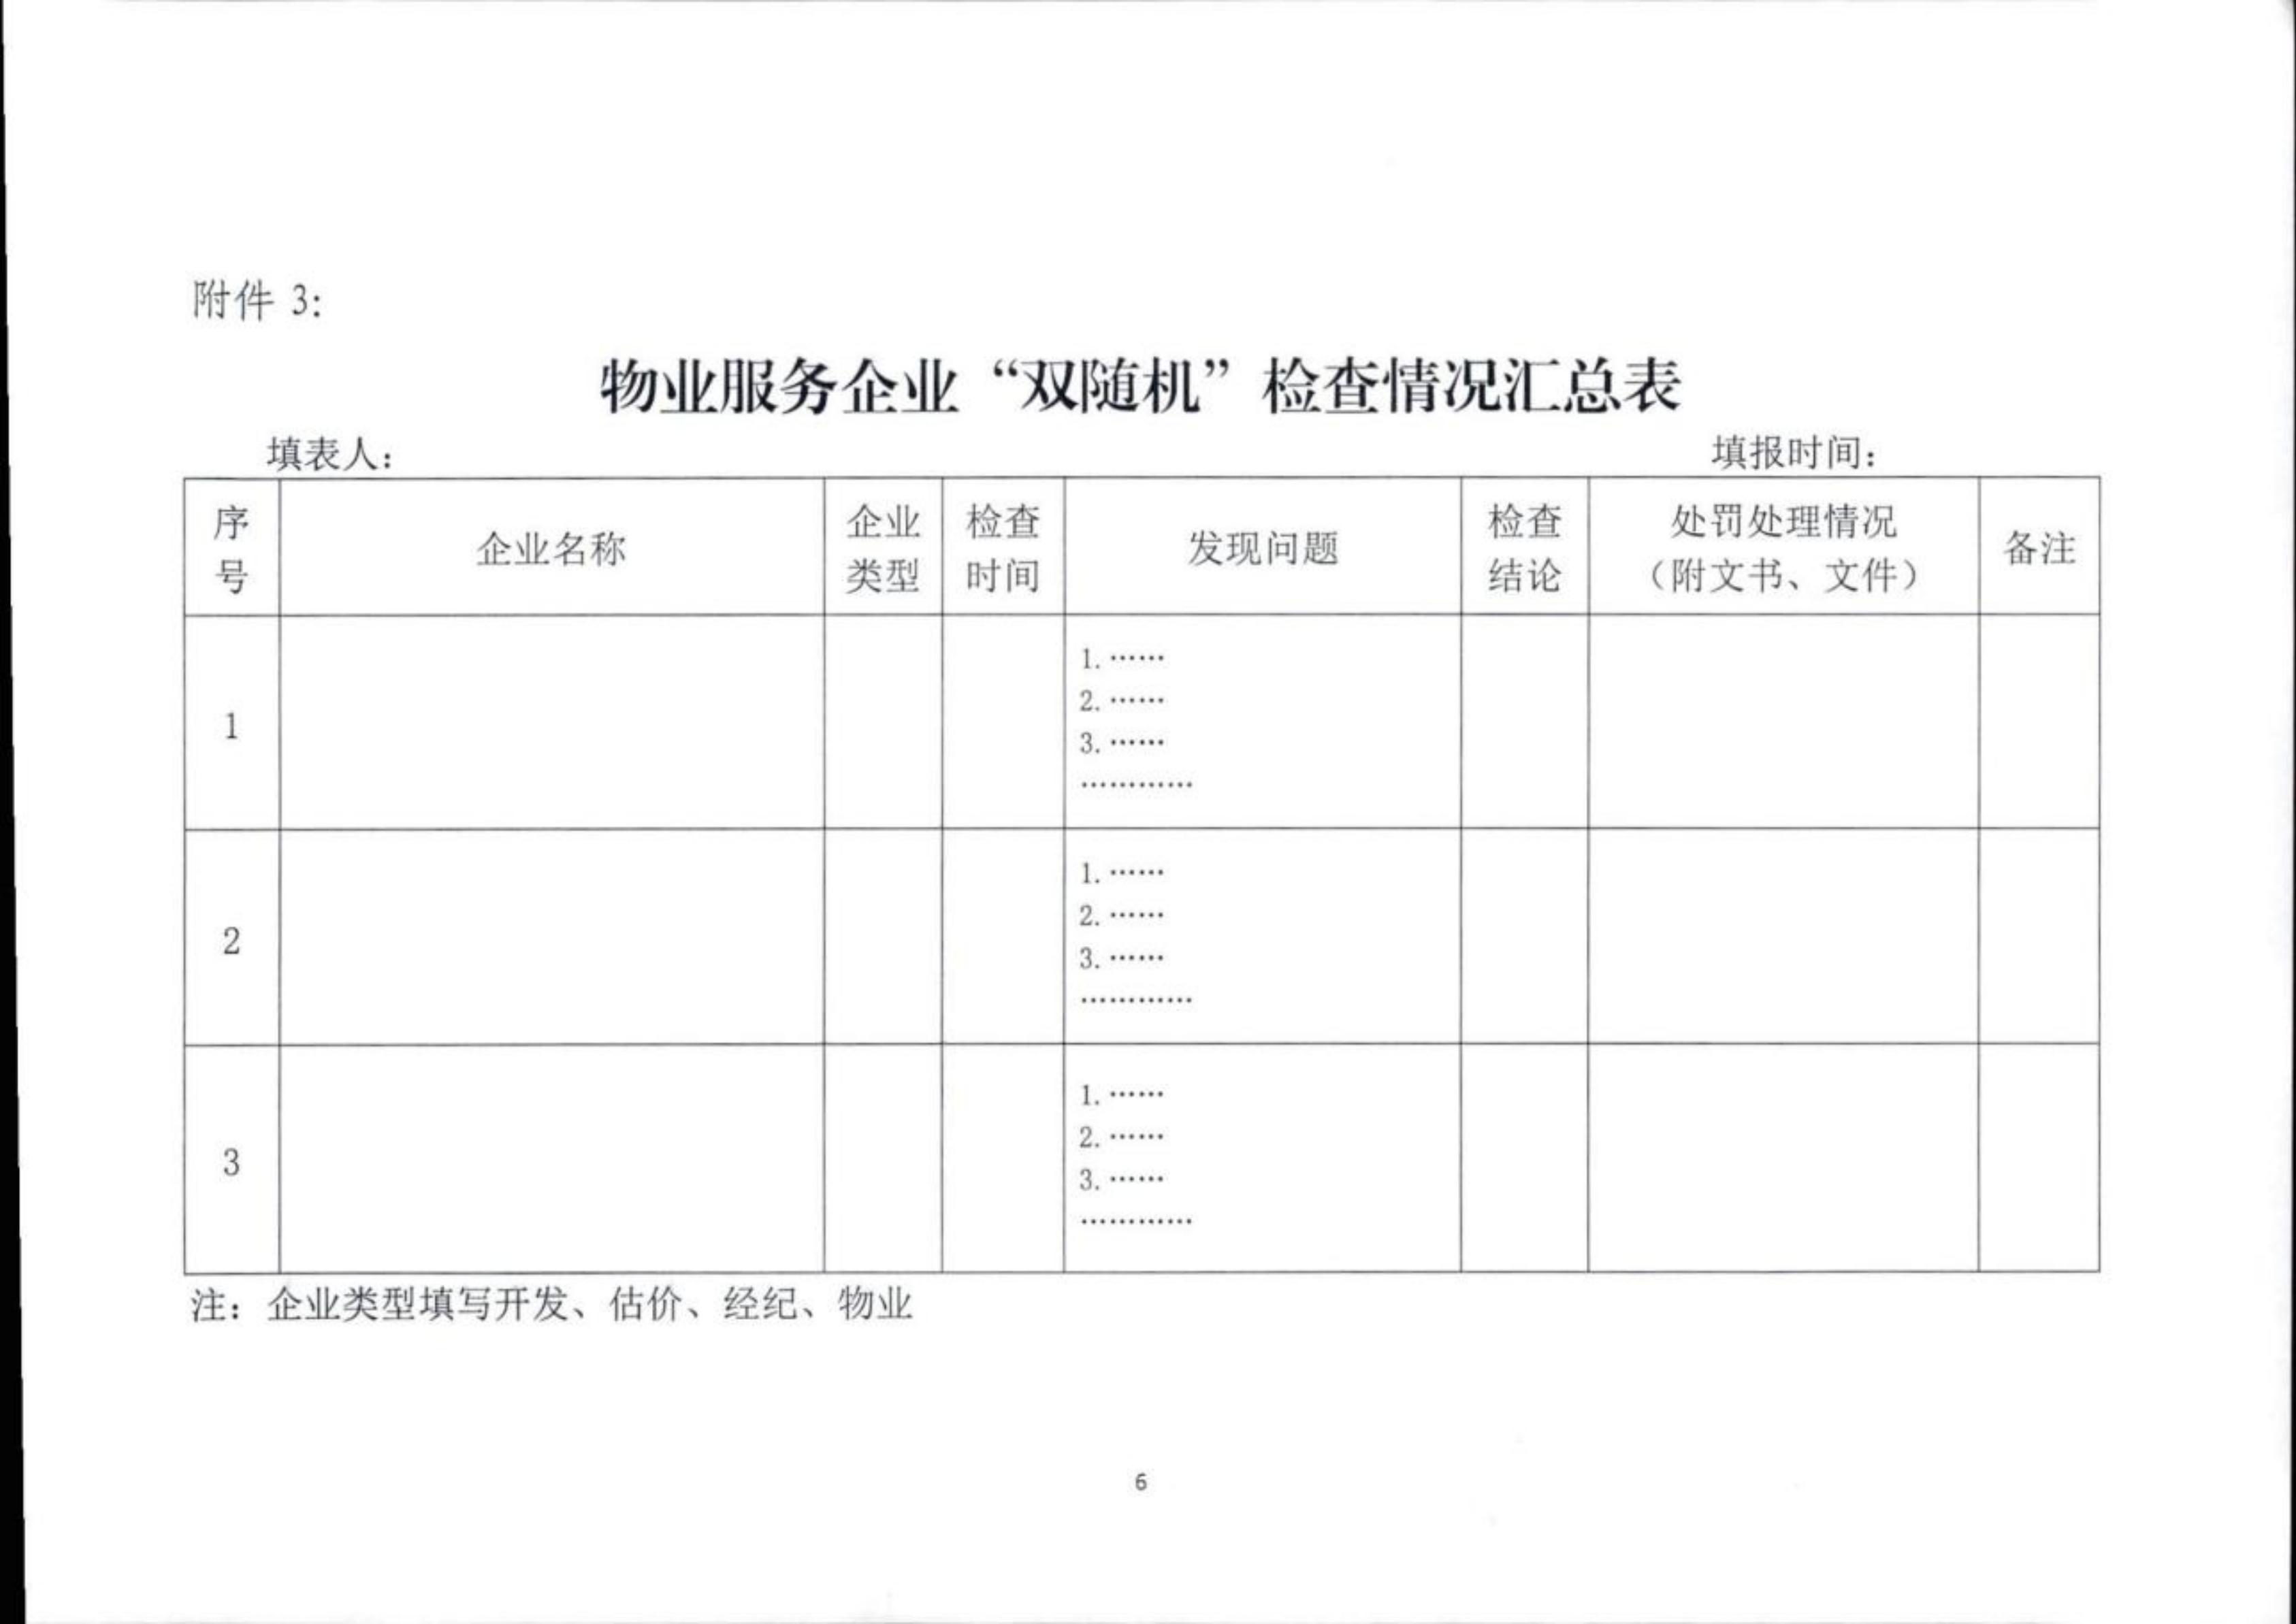 """(已压缩)关于全市开展2020年物业服务企业""""双随机""""检查的通知_05.png"""